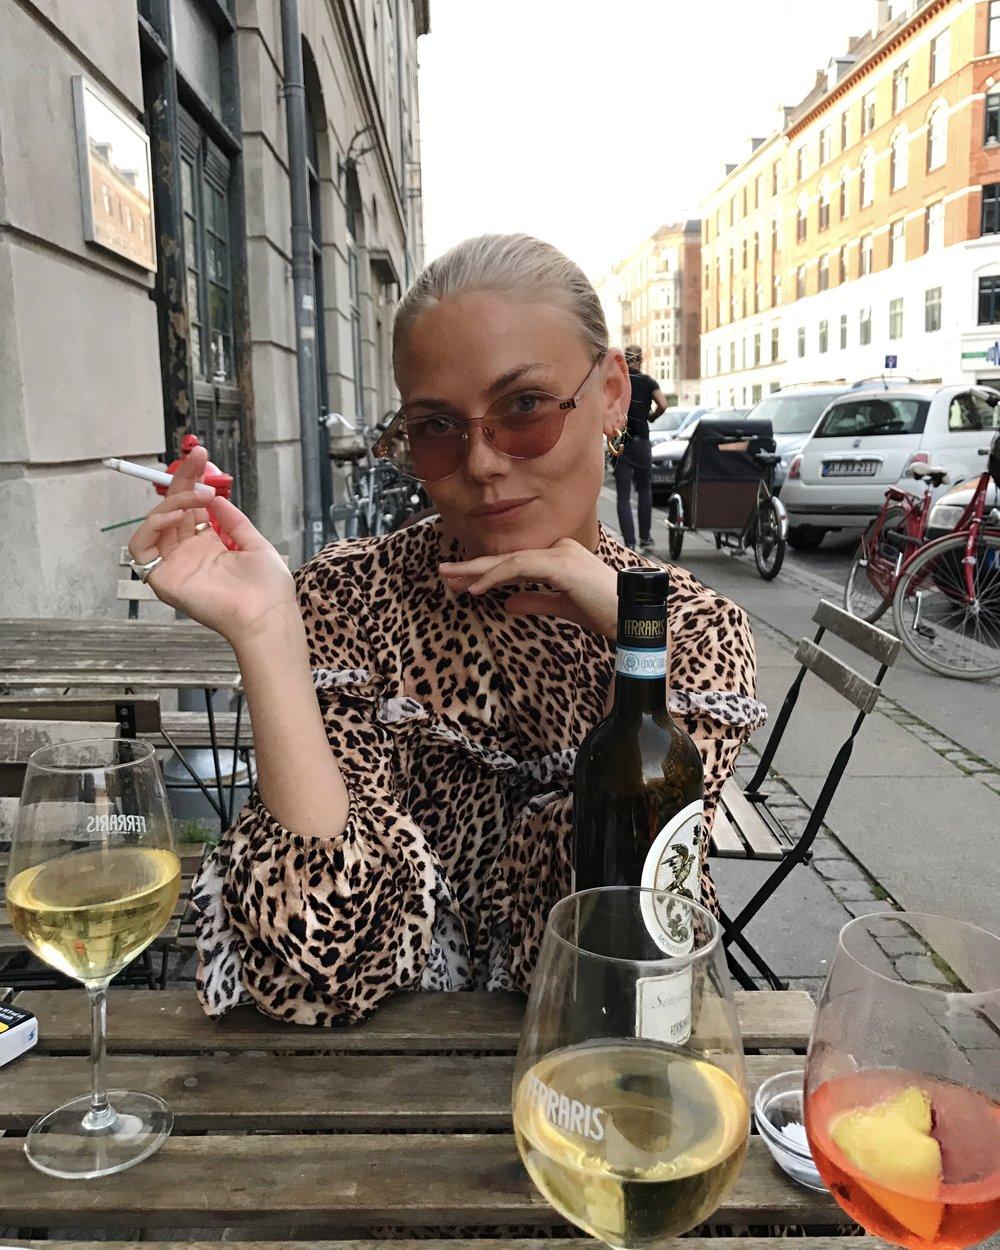 Mad og kaffe: Osteria